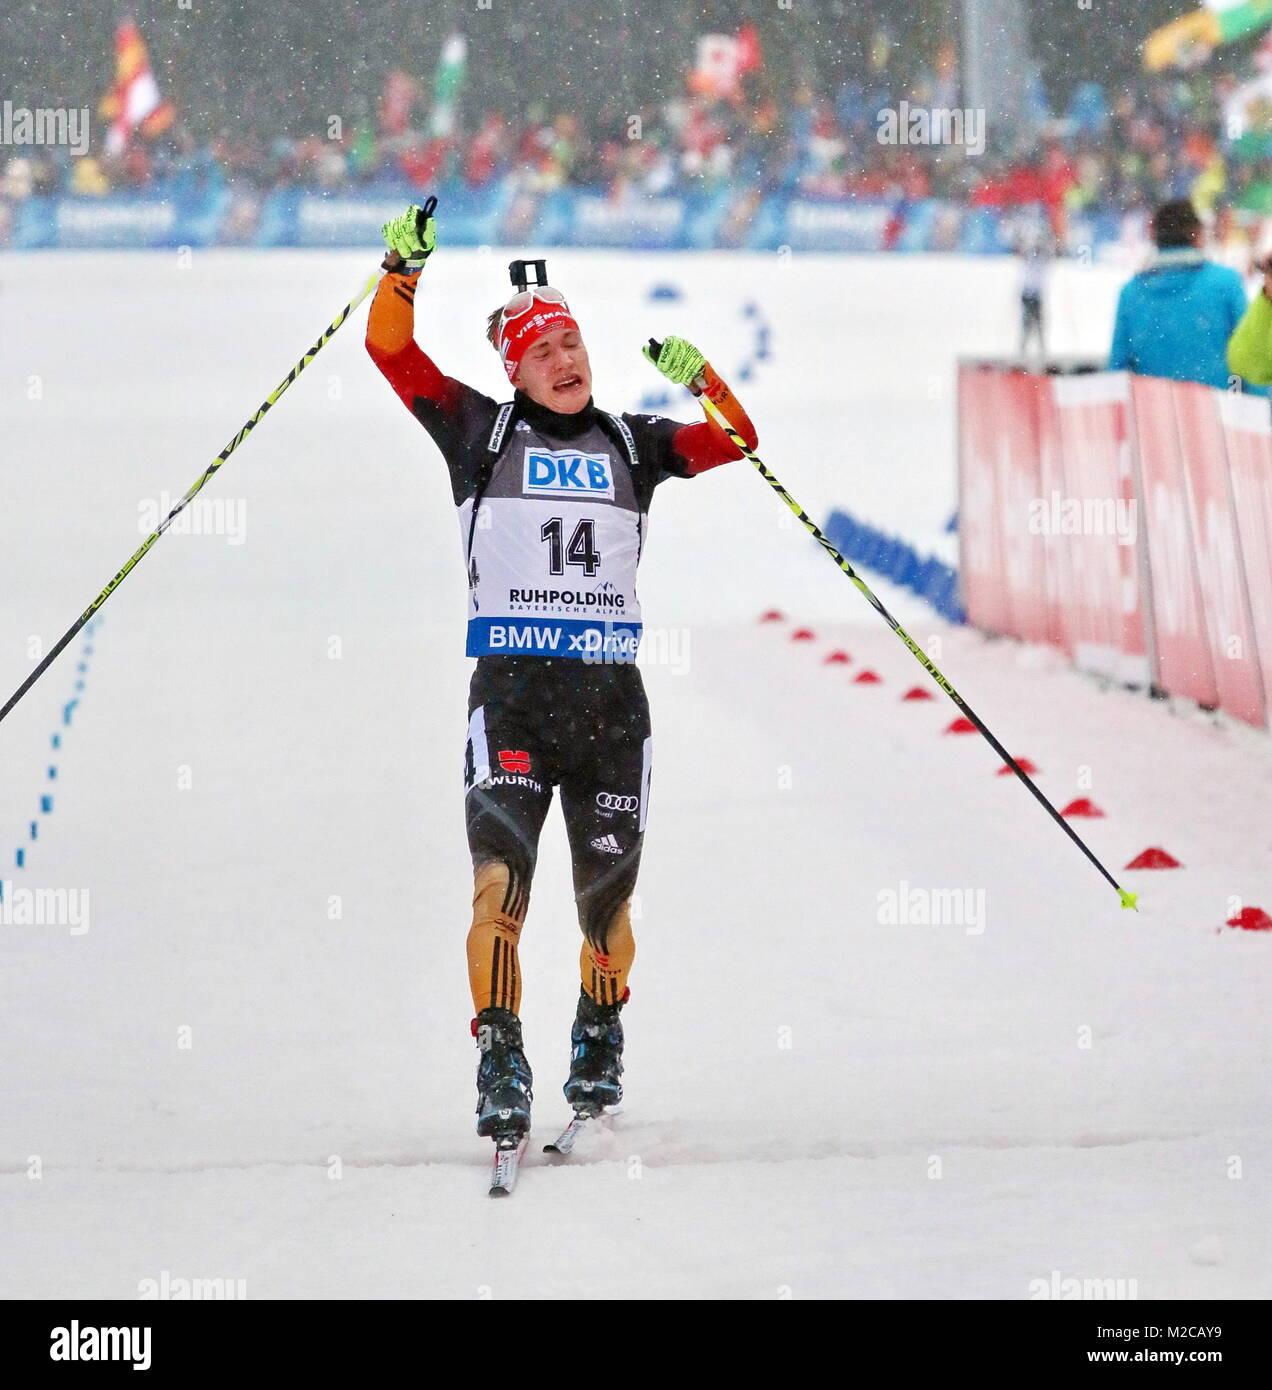 Mit kleinem Ausfallschritt verbissenem Gesicht und auf Rang sechs: Benedikt Doll beim IBU Weltcup Biathlon Sprint en Ruhpolding Foto de stock